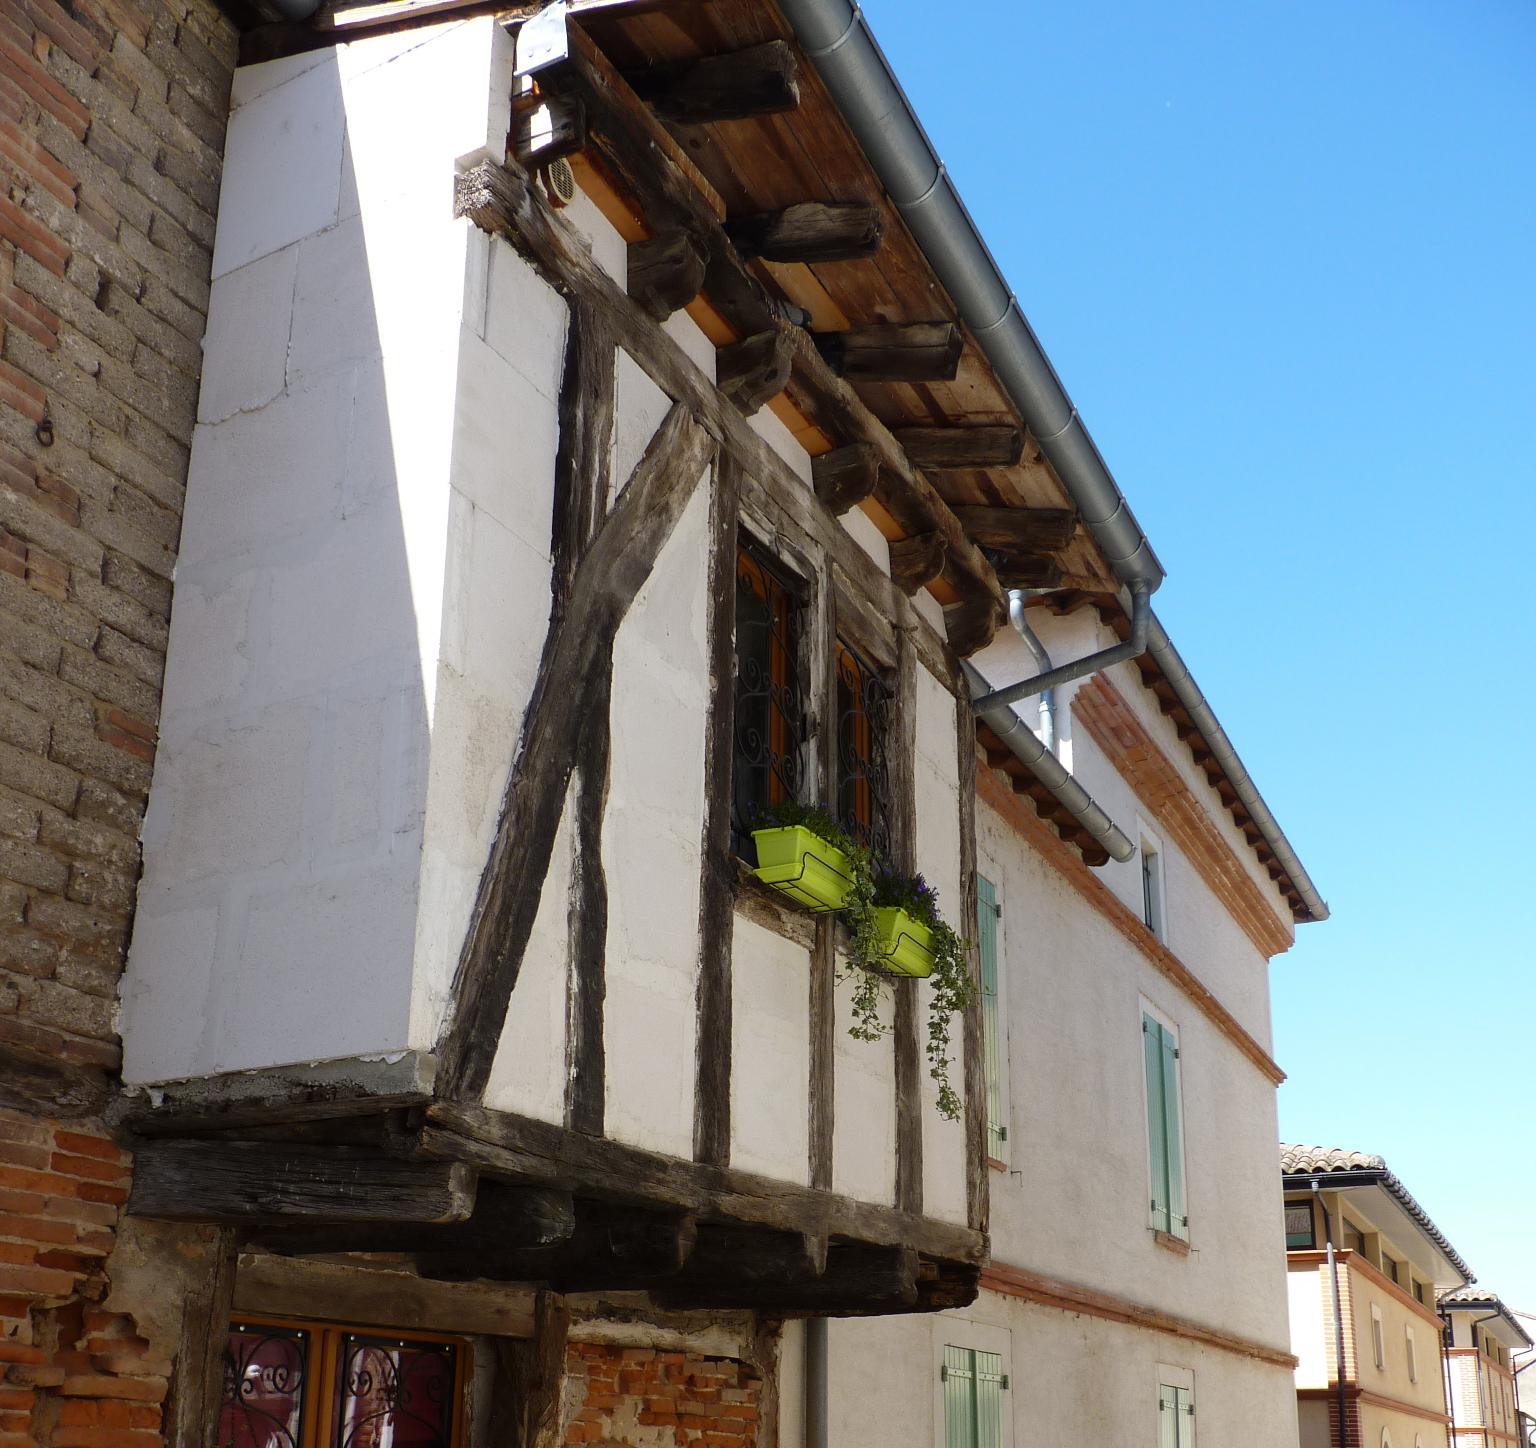 Maison à colombage – Saint-Sulpice – Tarn